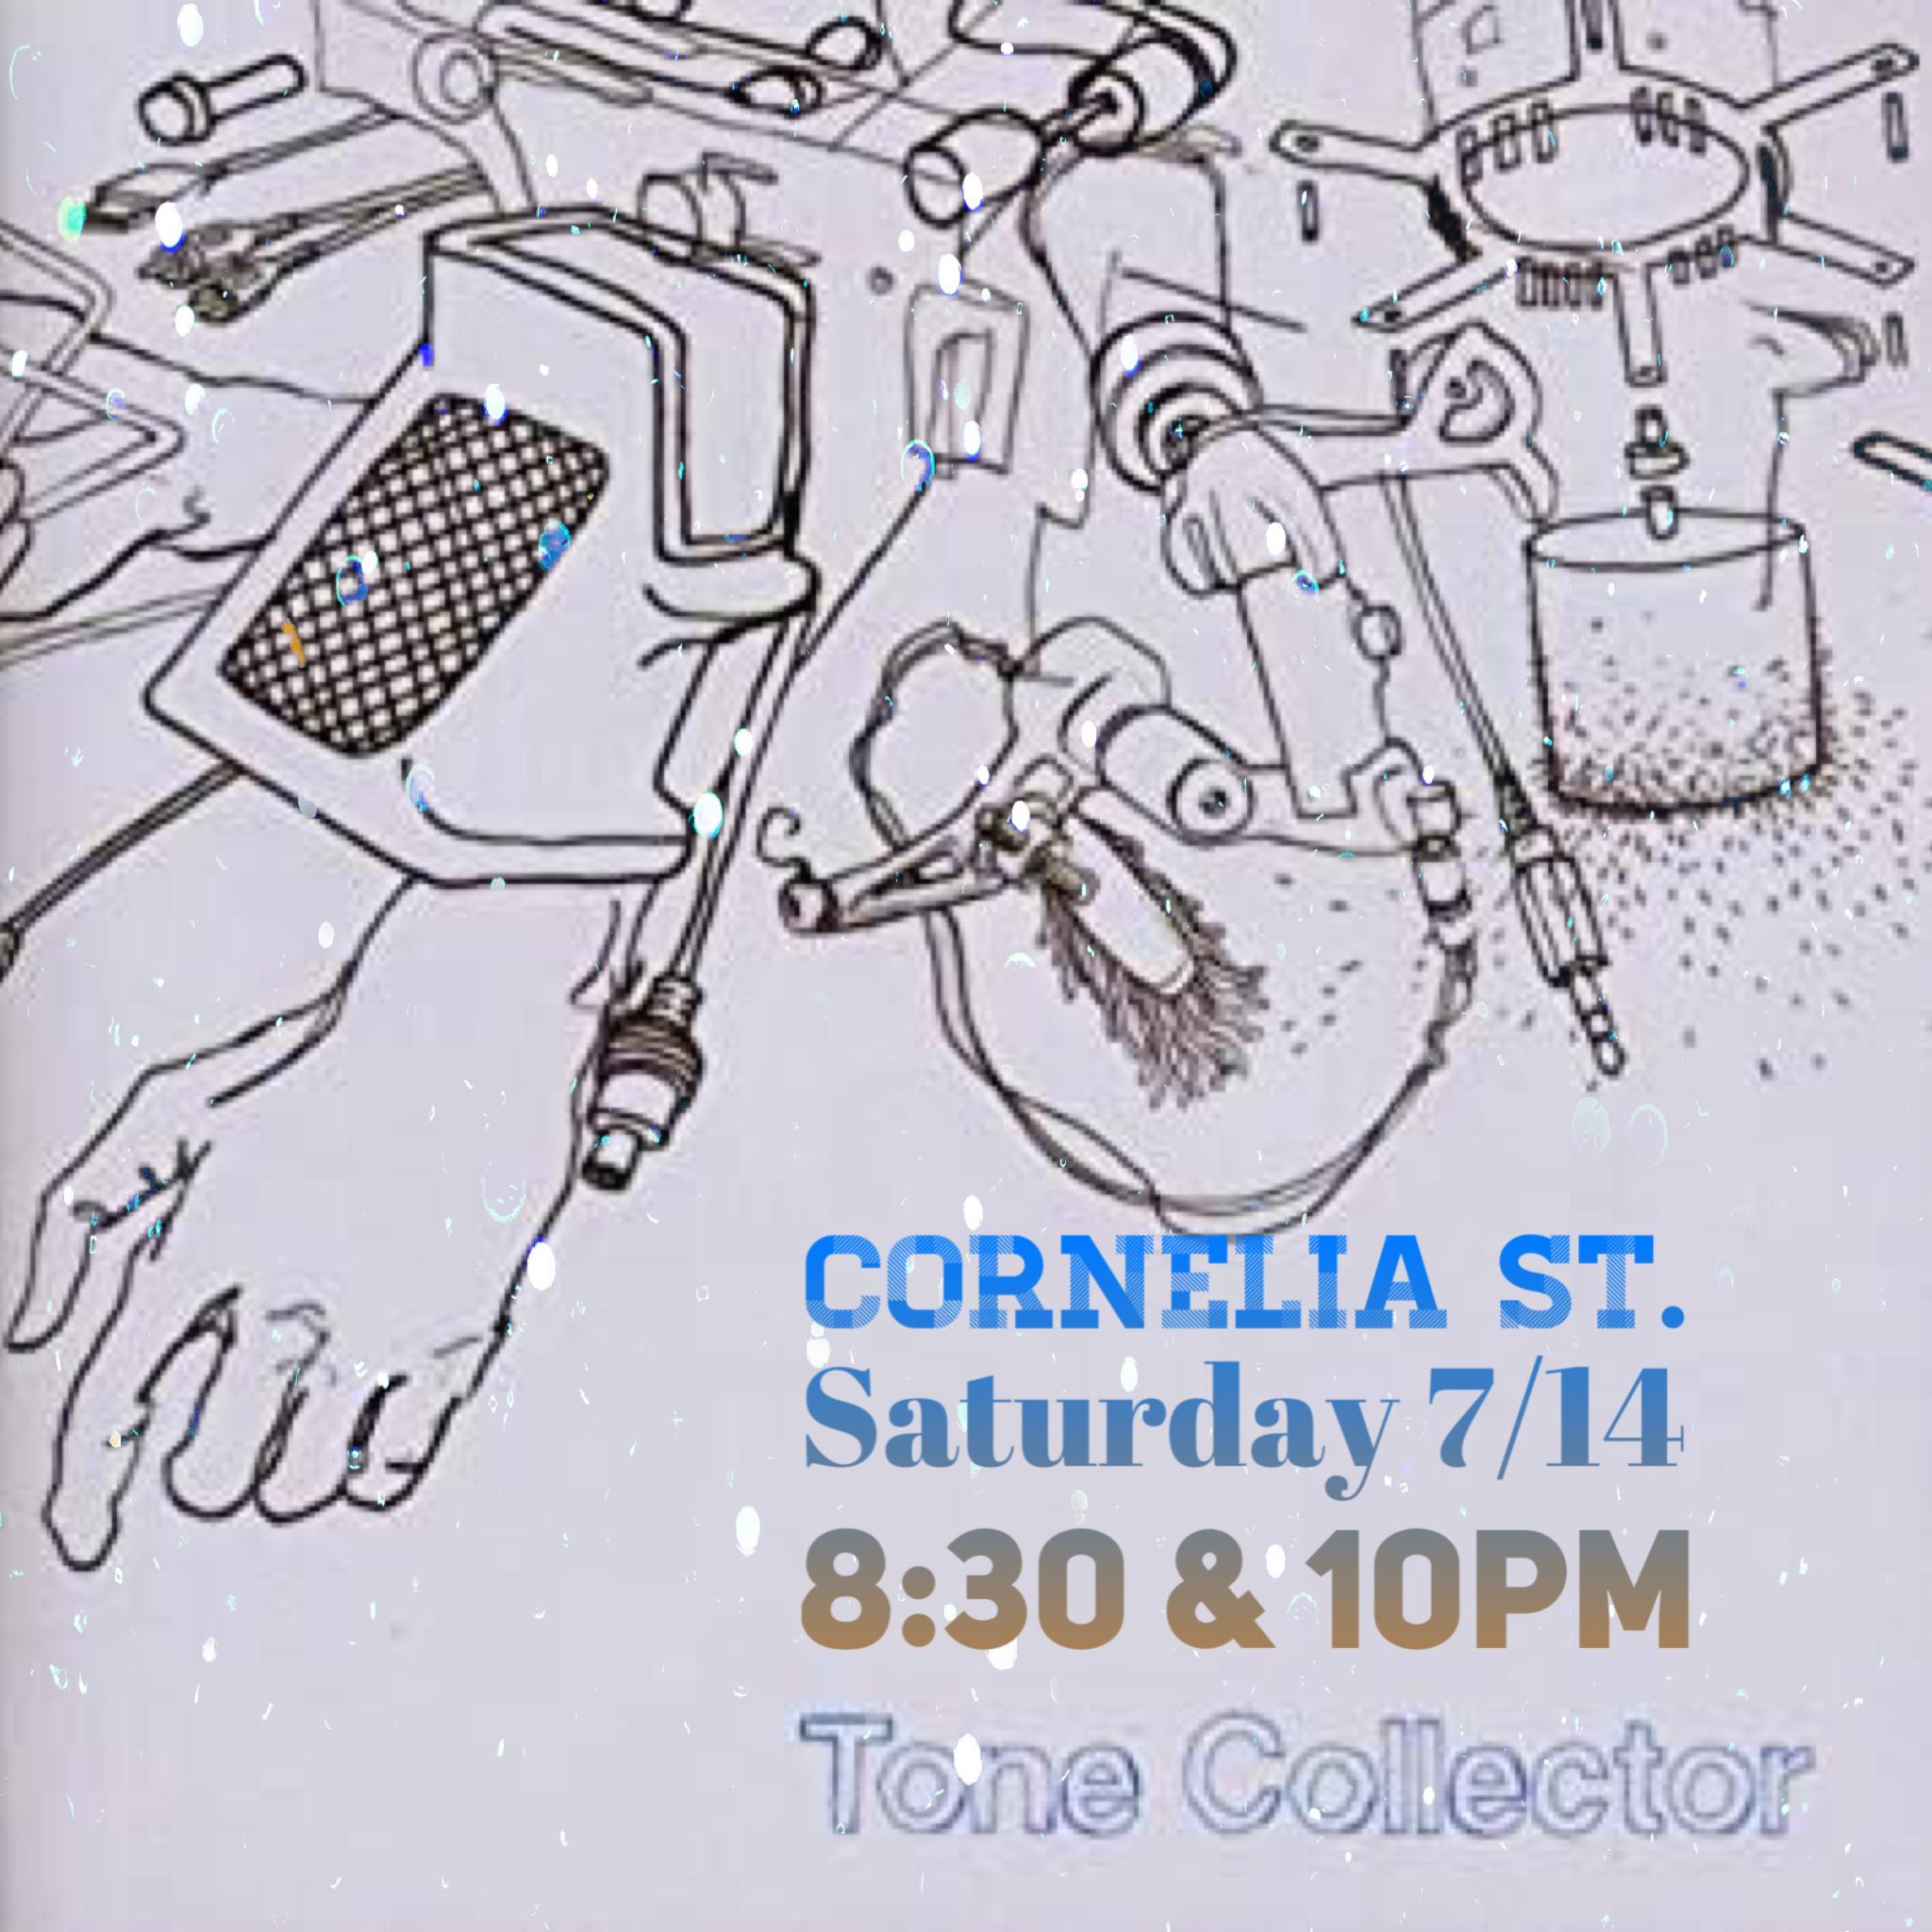 Tone Collector at Cornelia St